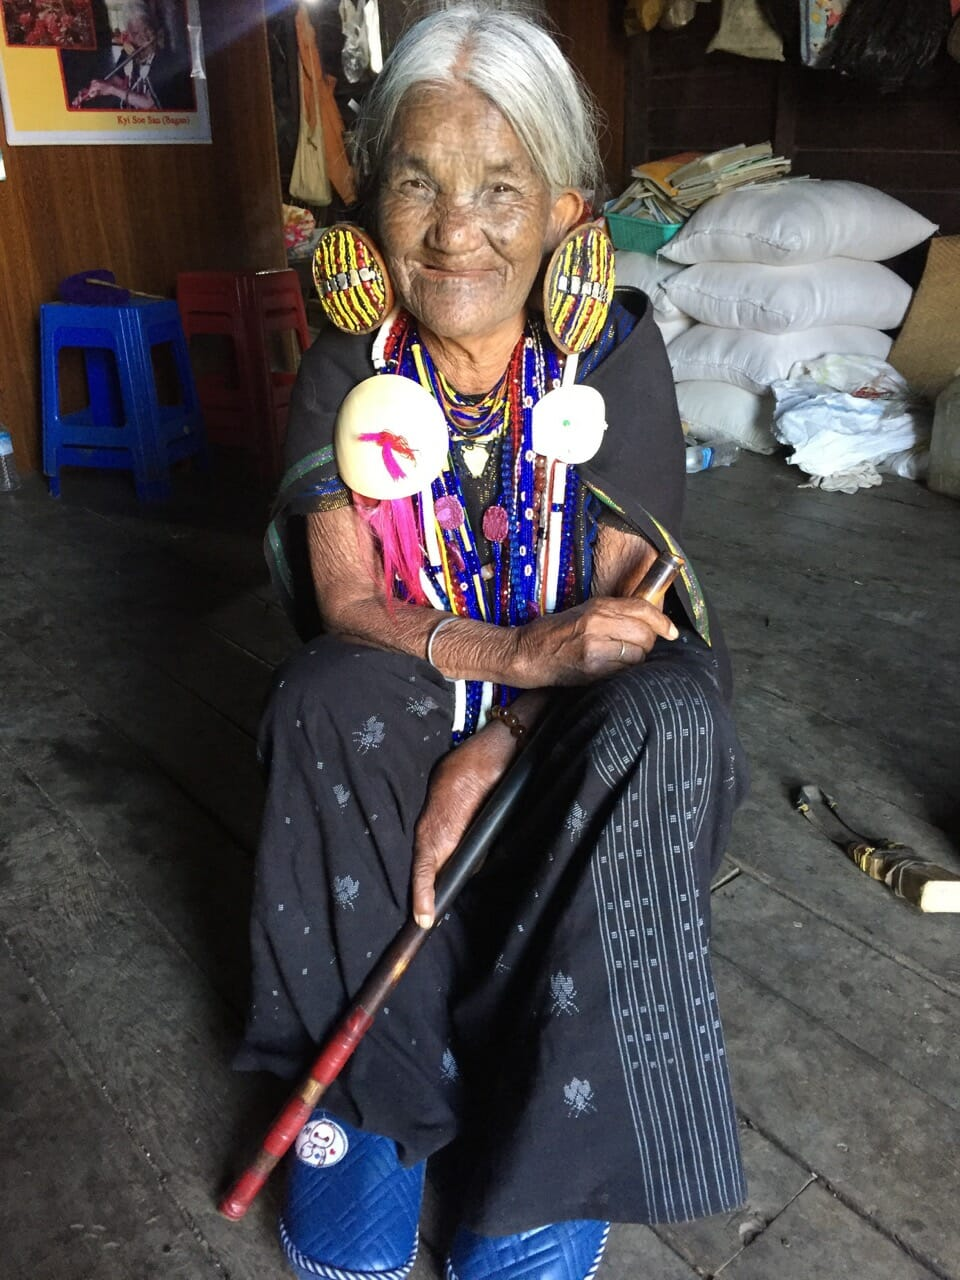 Yaw Shen, de la tribu Kaang, me dijo que desde niña tenía ganas de tener su proprio tatuaje.